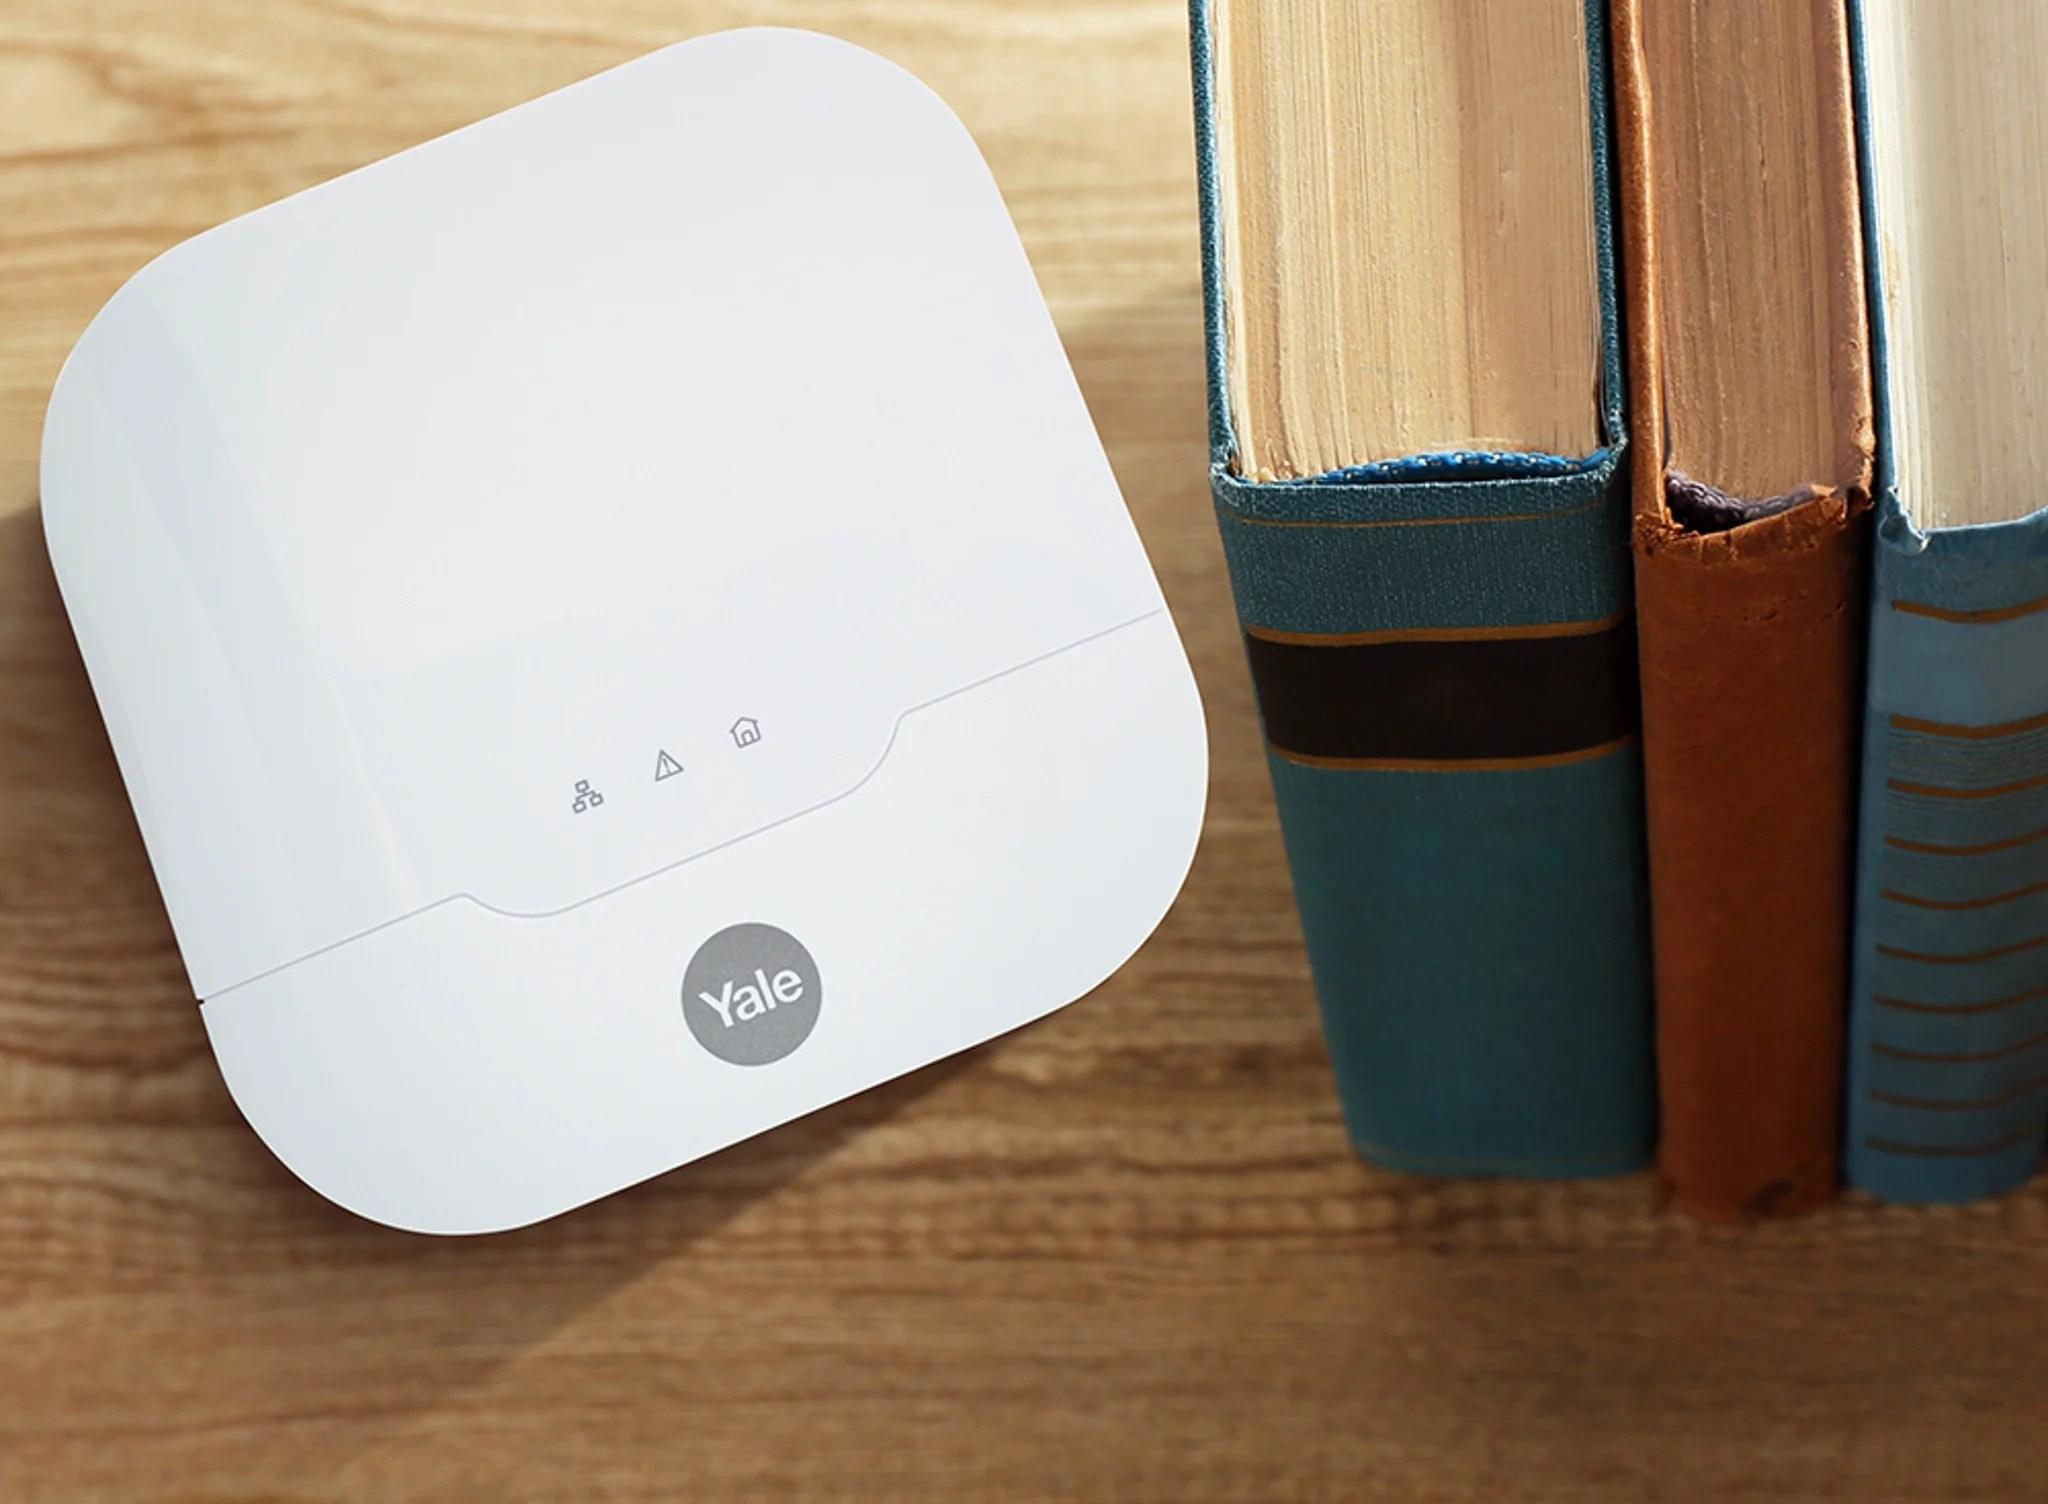 Yale lance Sync, l'alarme connectée qui protège votre maison jusqu'à 200 m